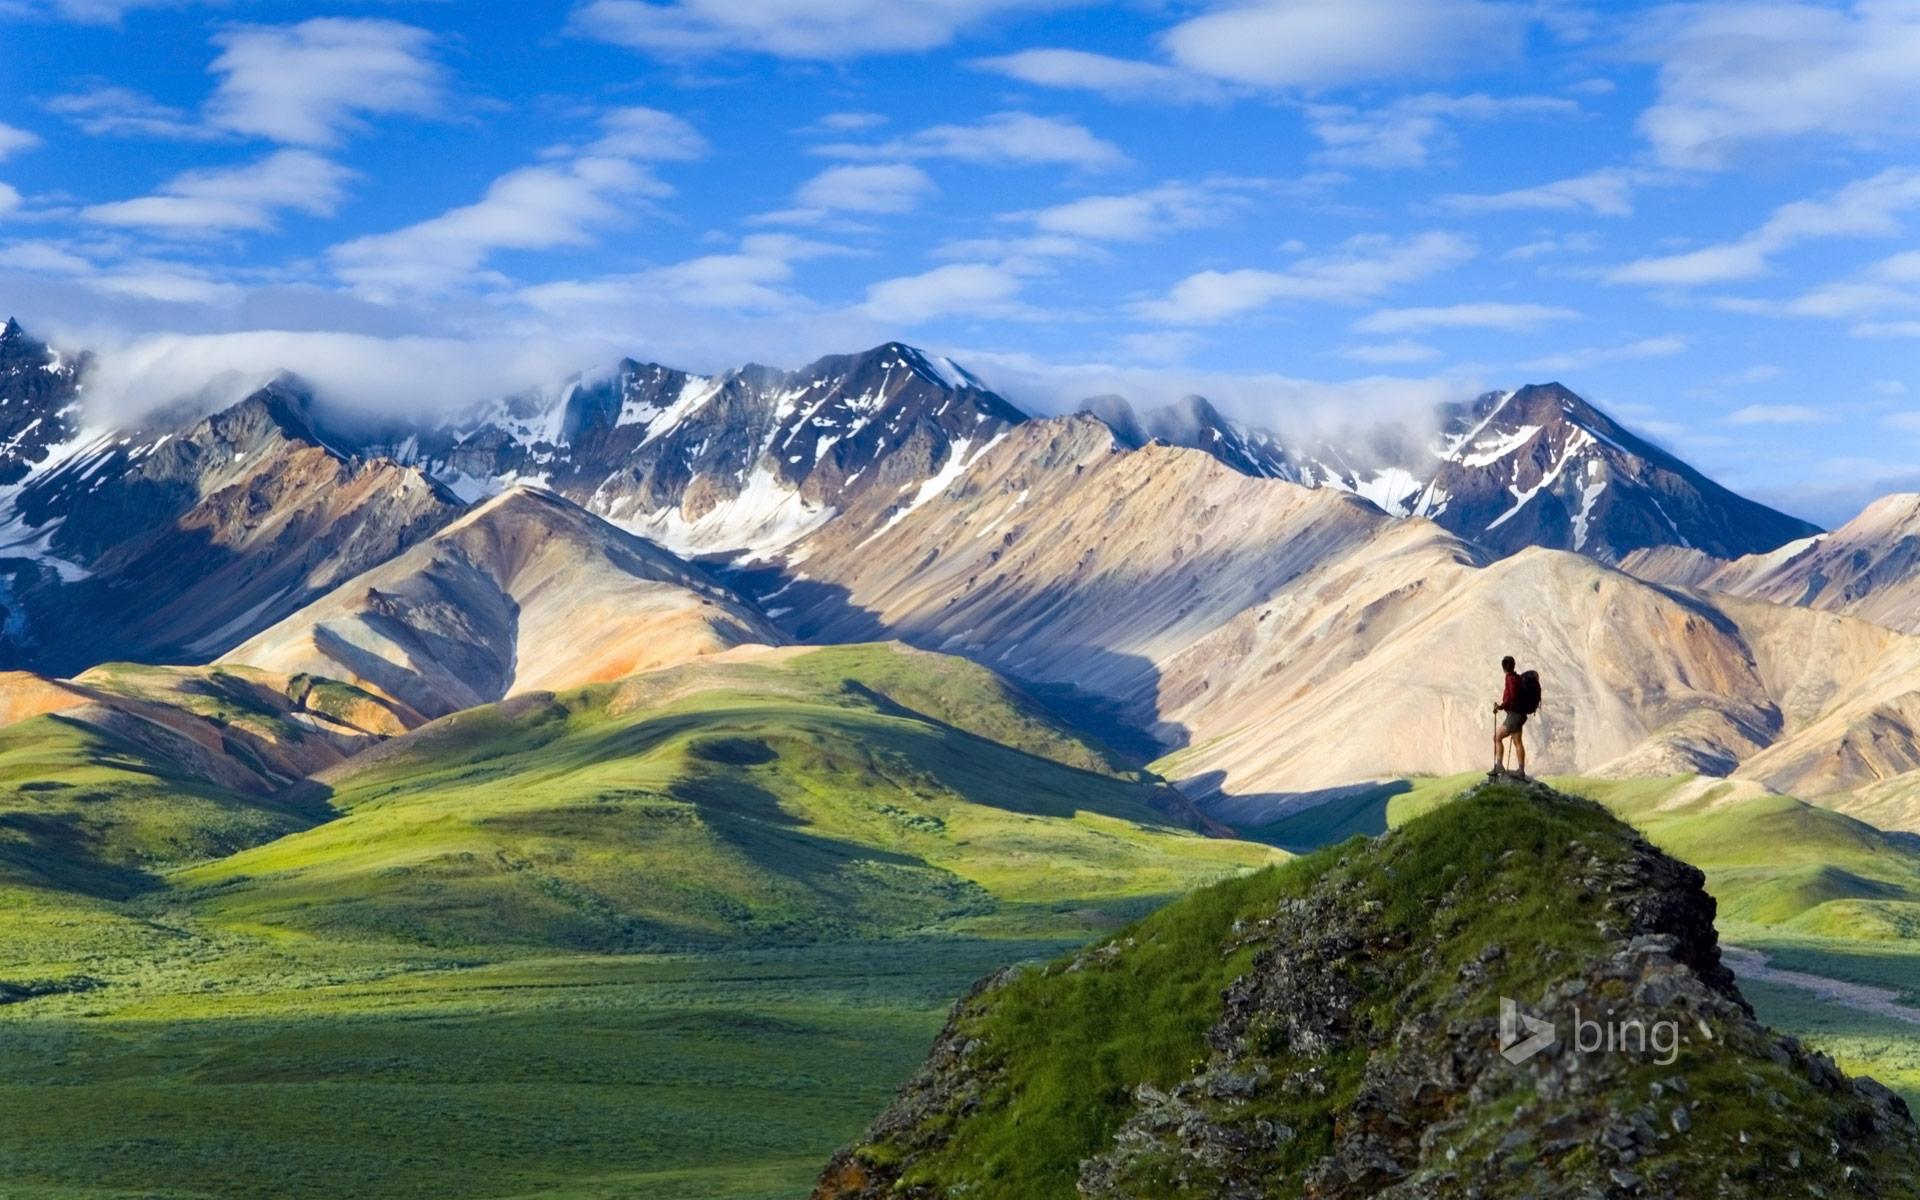 national park wallpapers for desktop